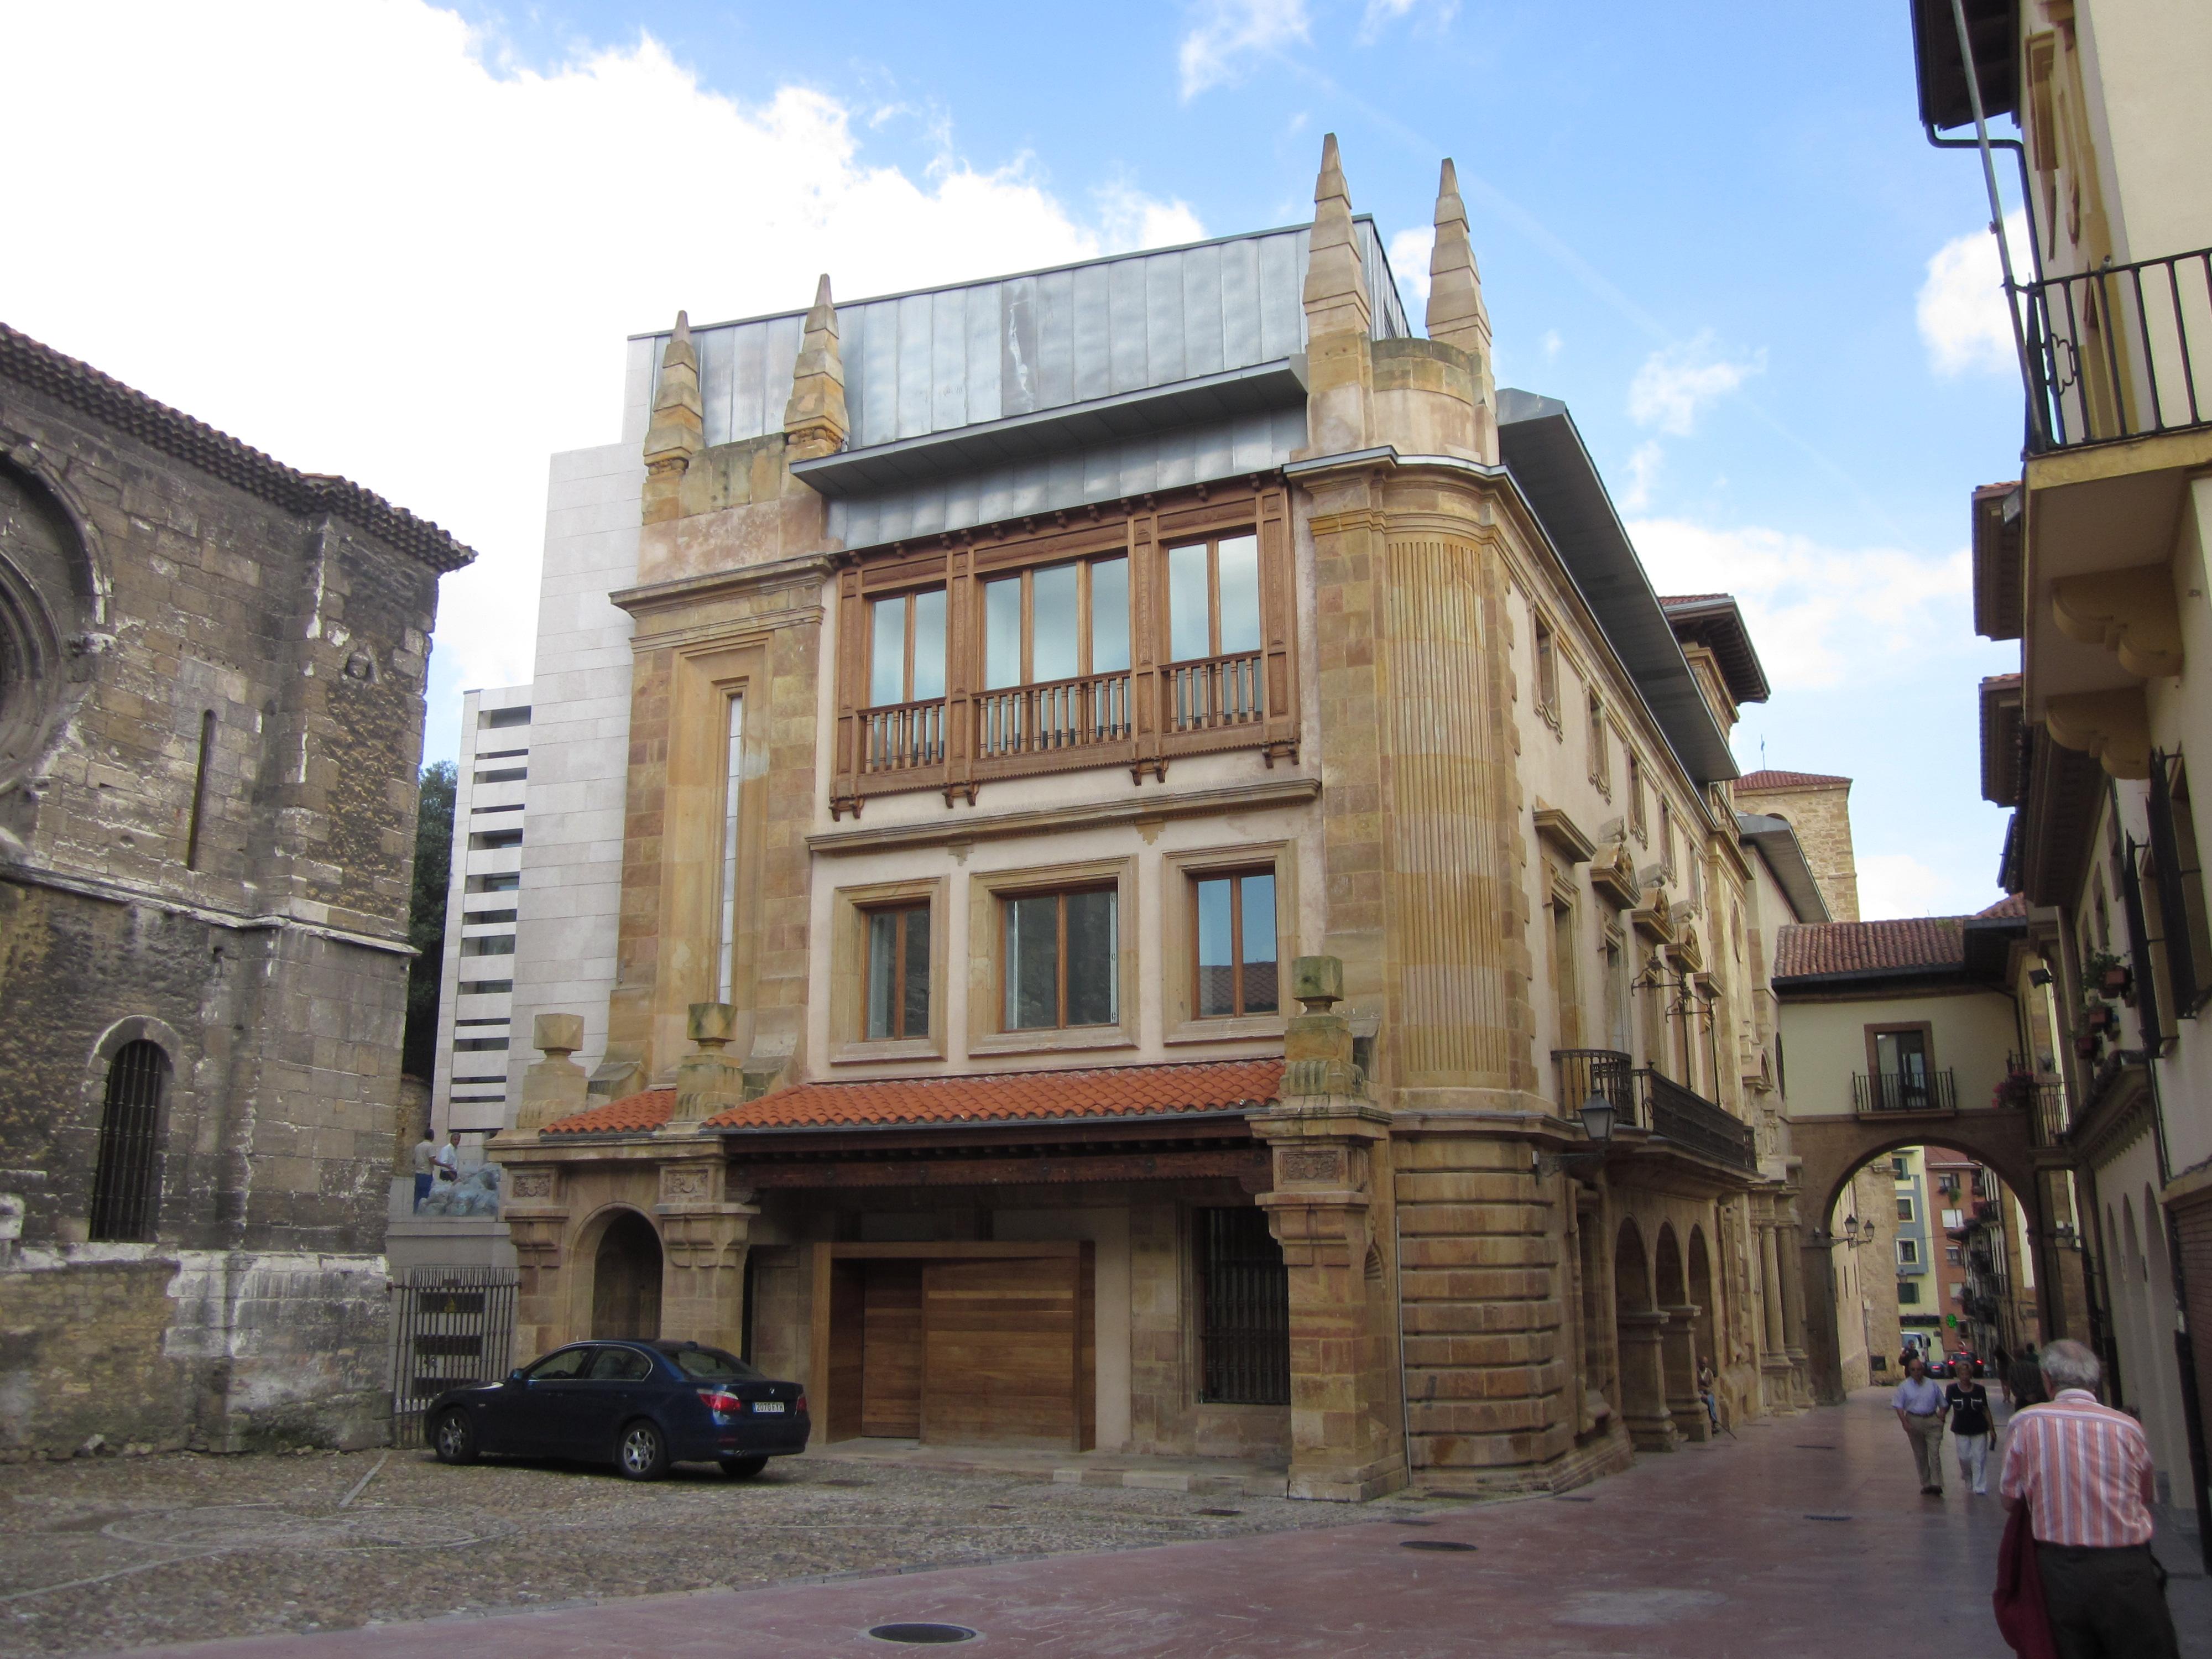 File:Museo Arqueológico de Asturias. Oviedo.jpg - Wikimedia Commons